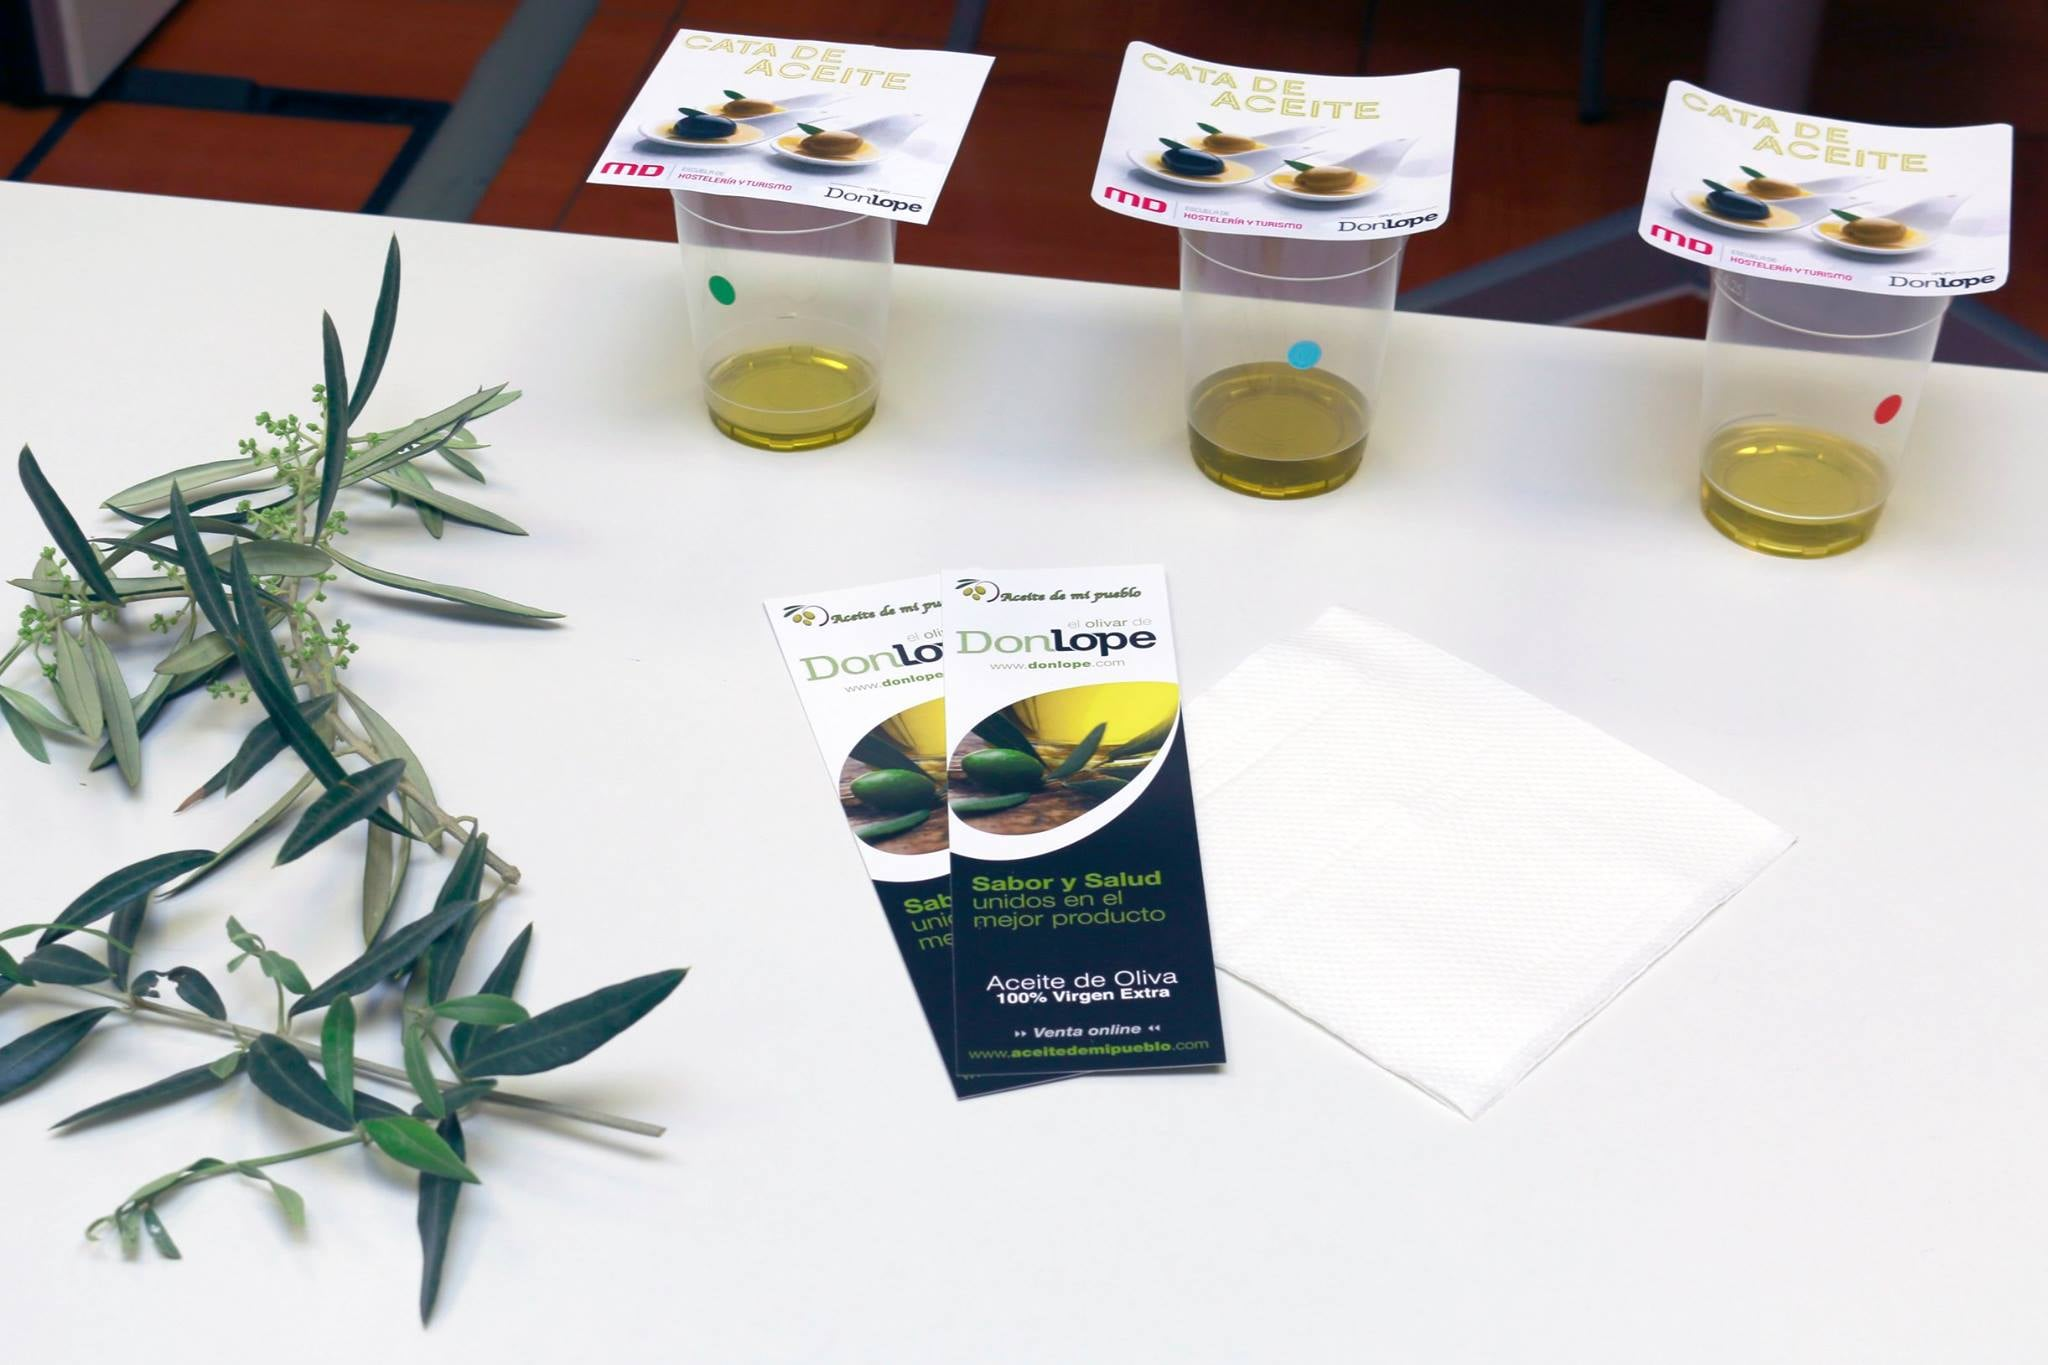 Kvalita olivového oleja DonLope